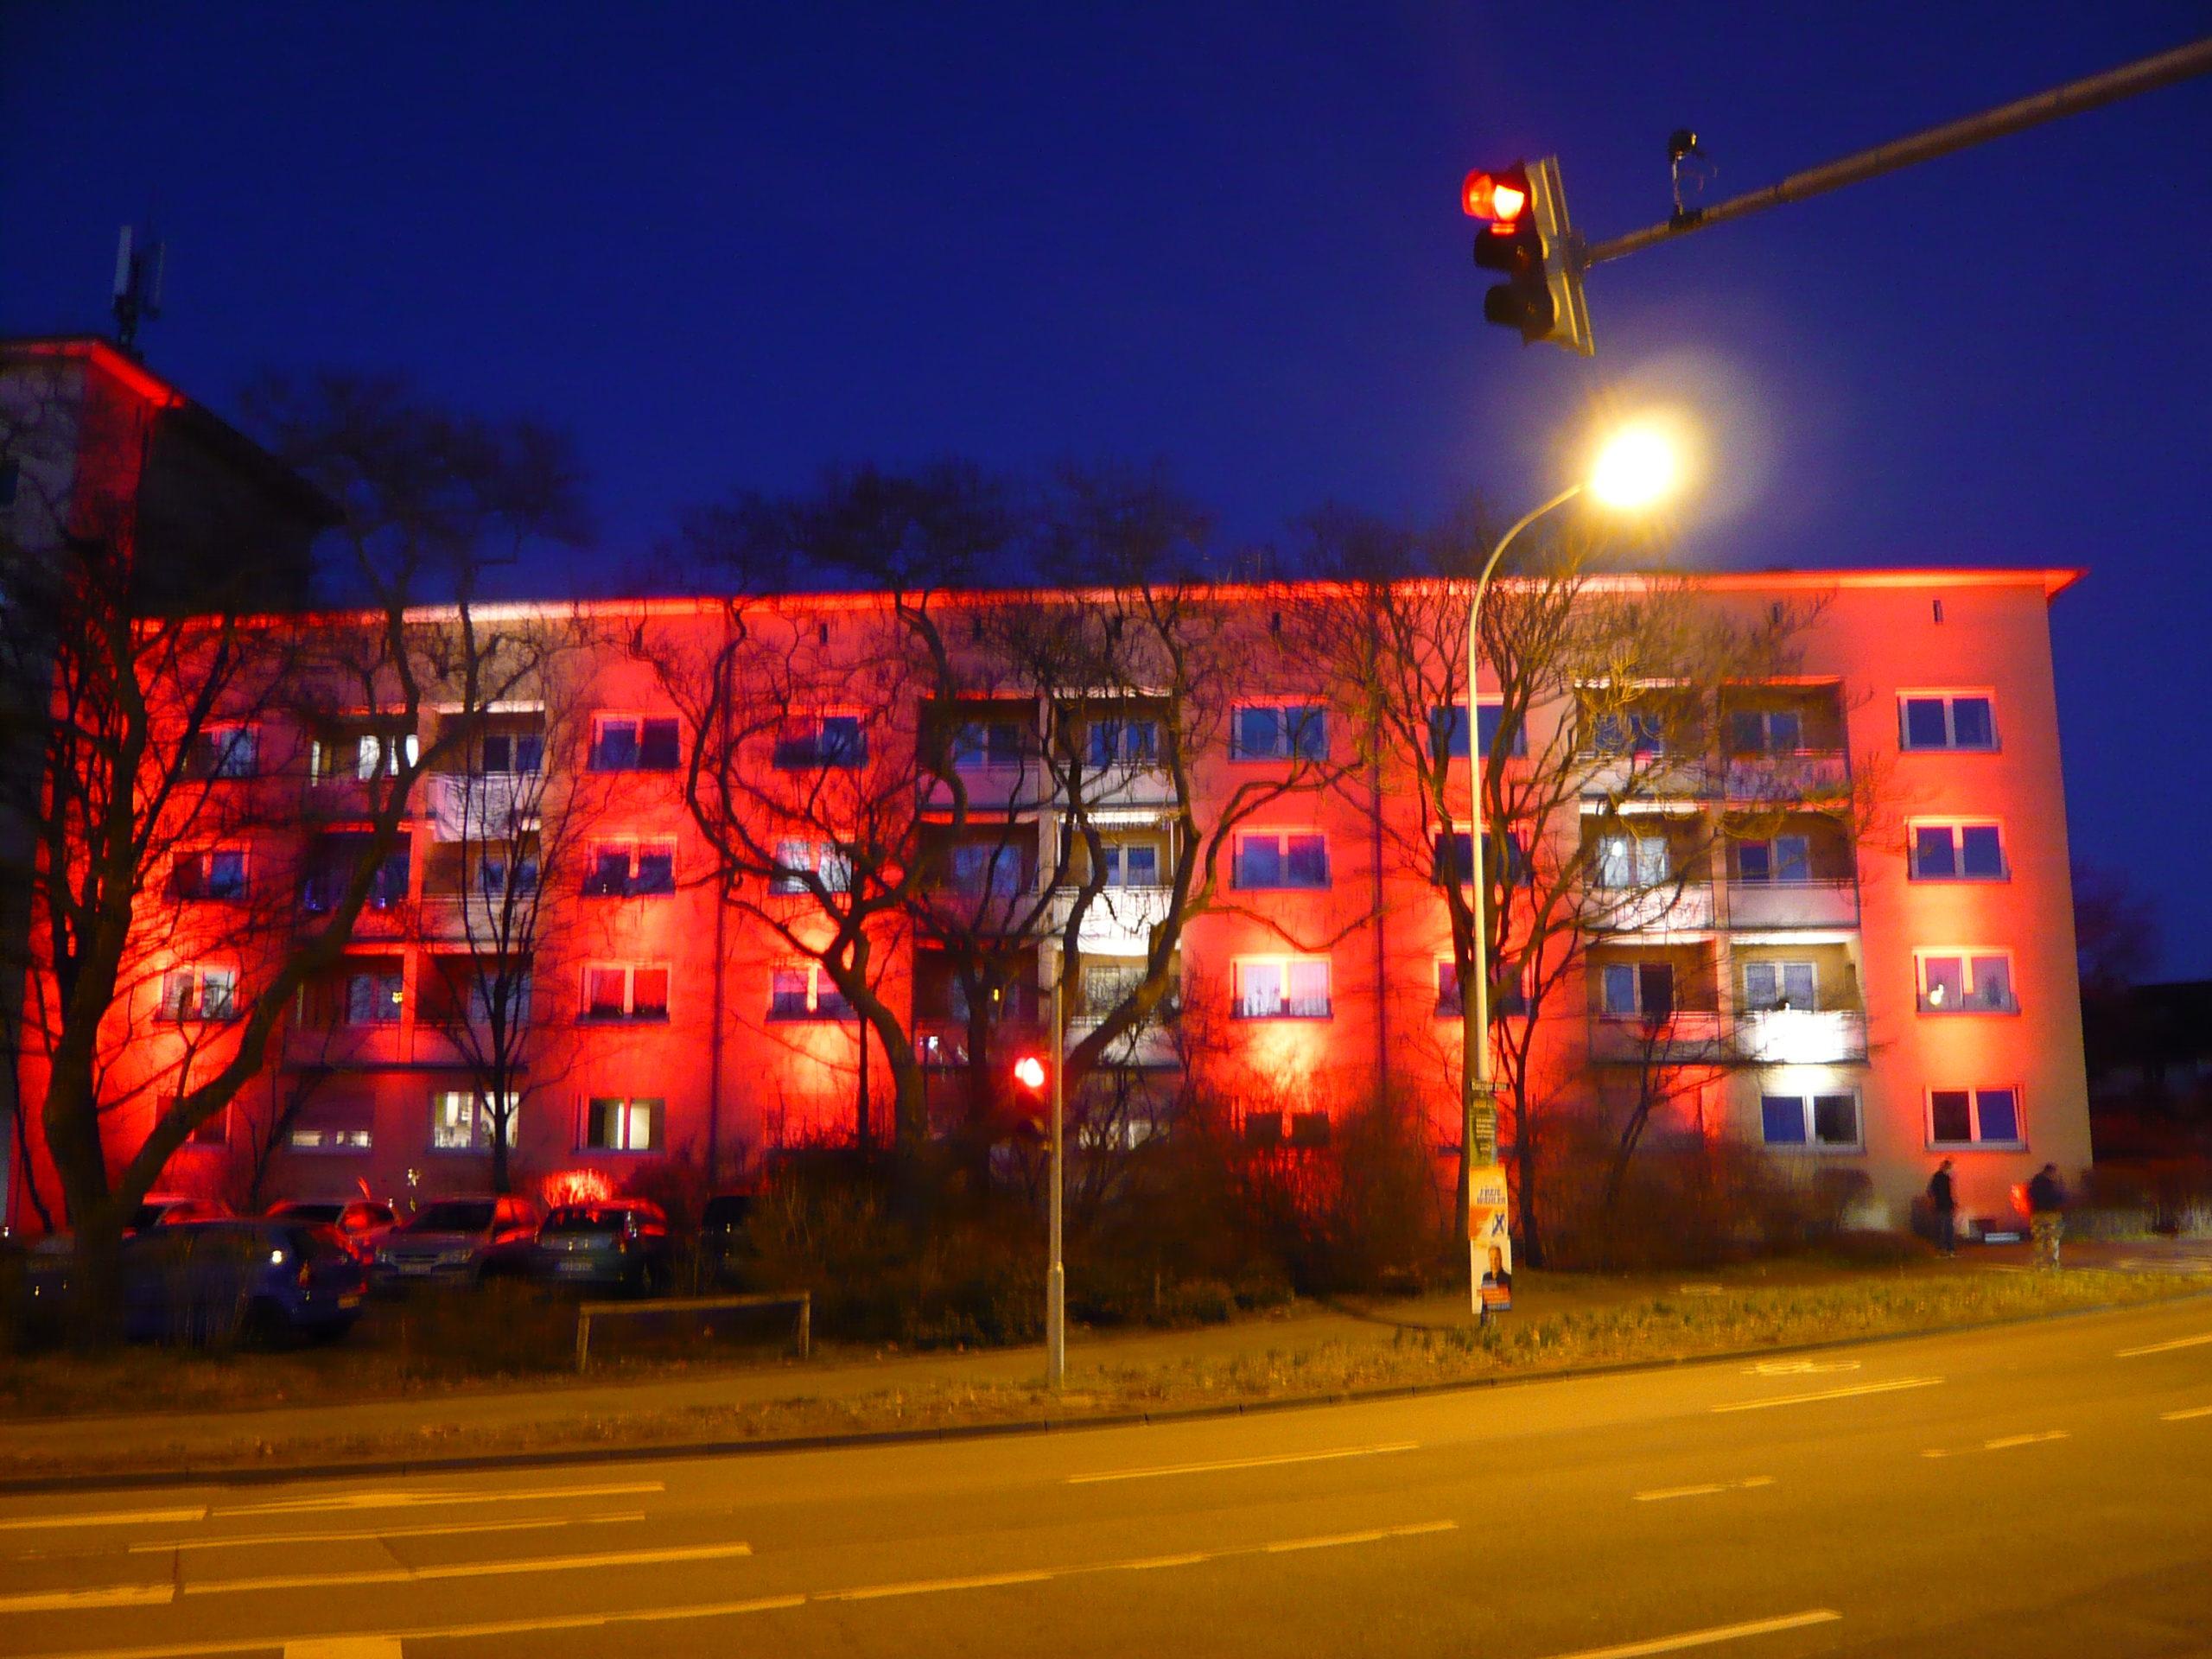 Read more about the article VONOVIA-Häuser im Quartier: Einbrüche ohne Einbruchsspuren bringen bundesweiten Generalschlüssel ans Tageslicht…